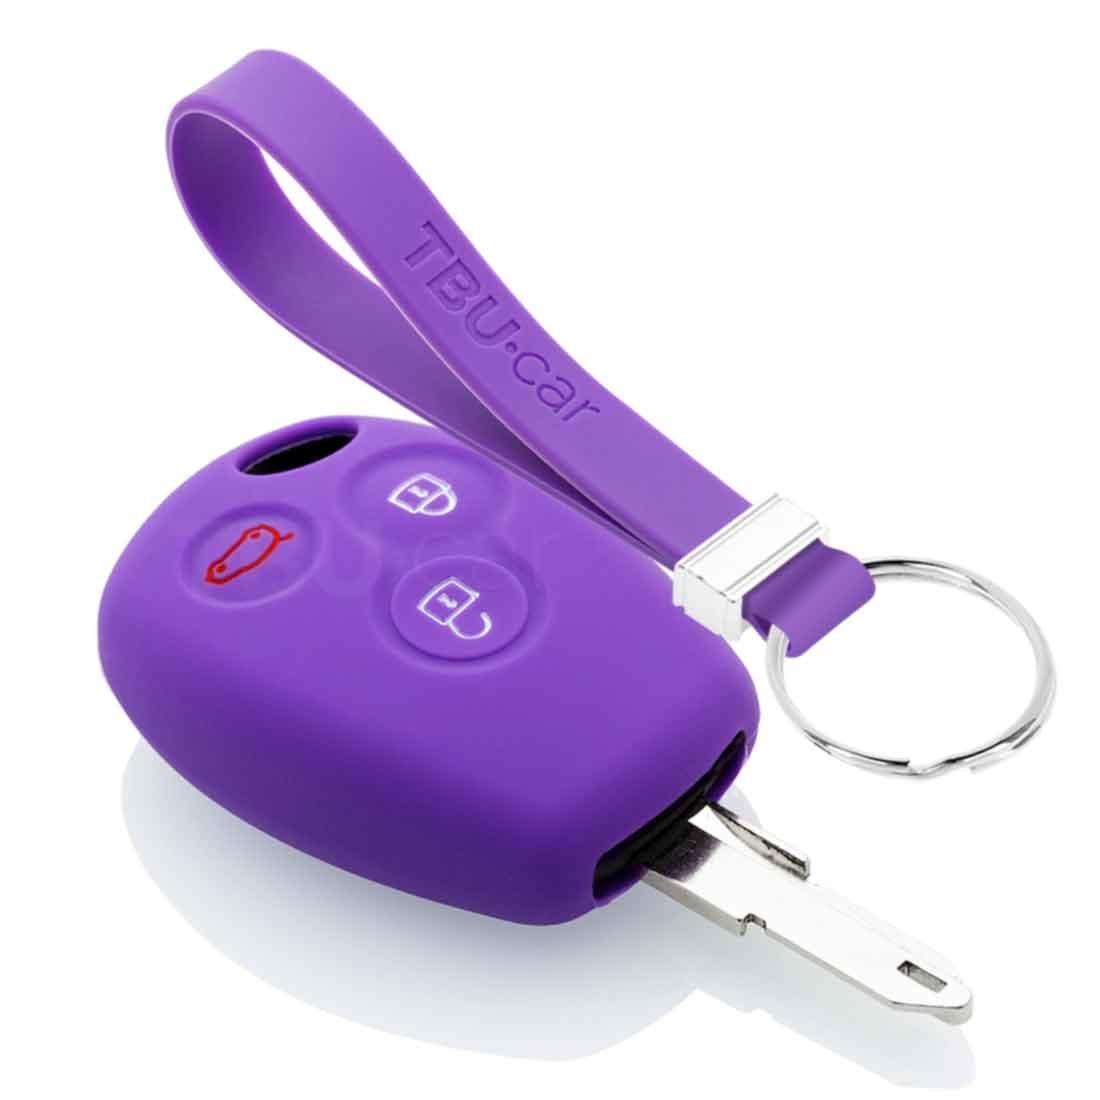 TBU car TBU car Sleutel cover compatibel met Smart - Silicone sleutelhoesje - beschermhoesje autosleutel - Paars